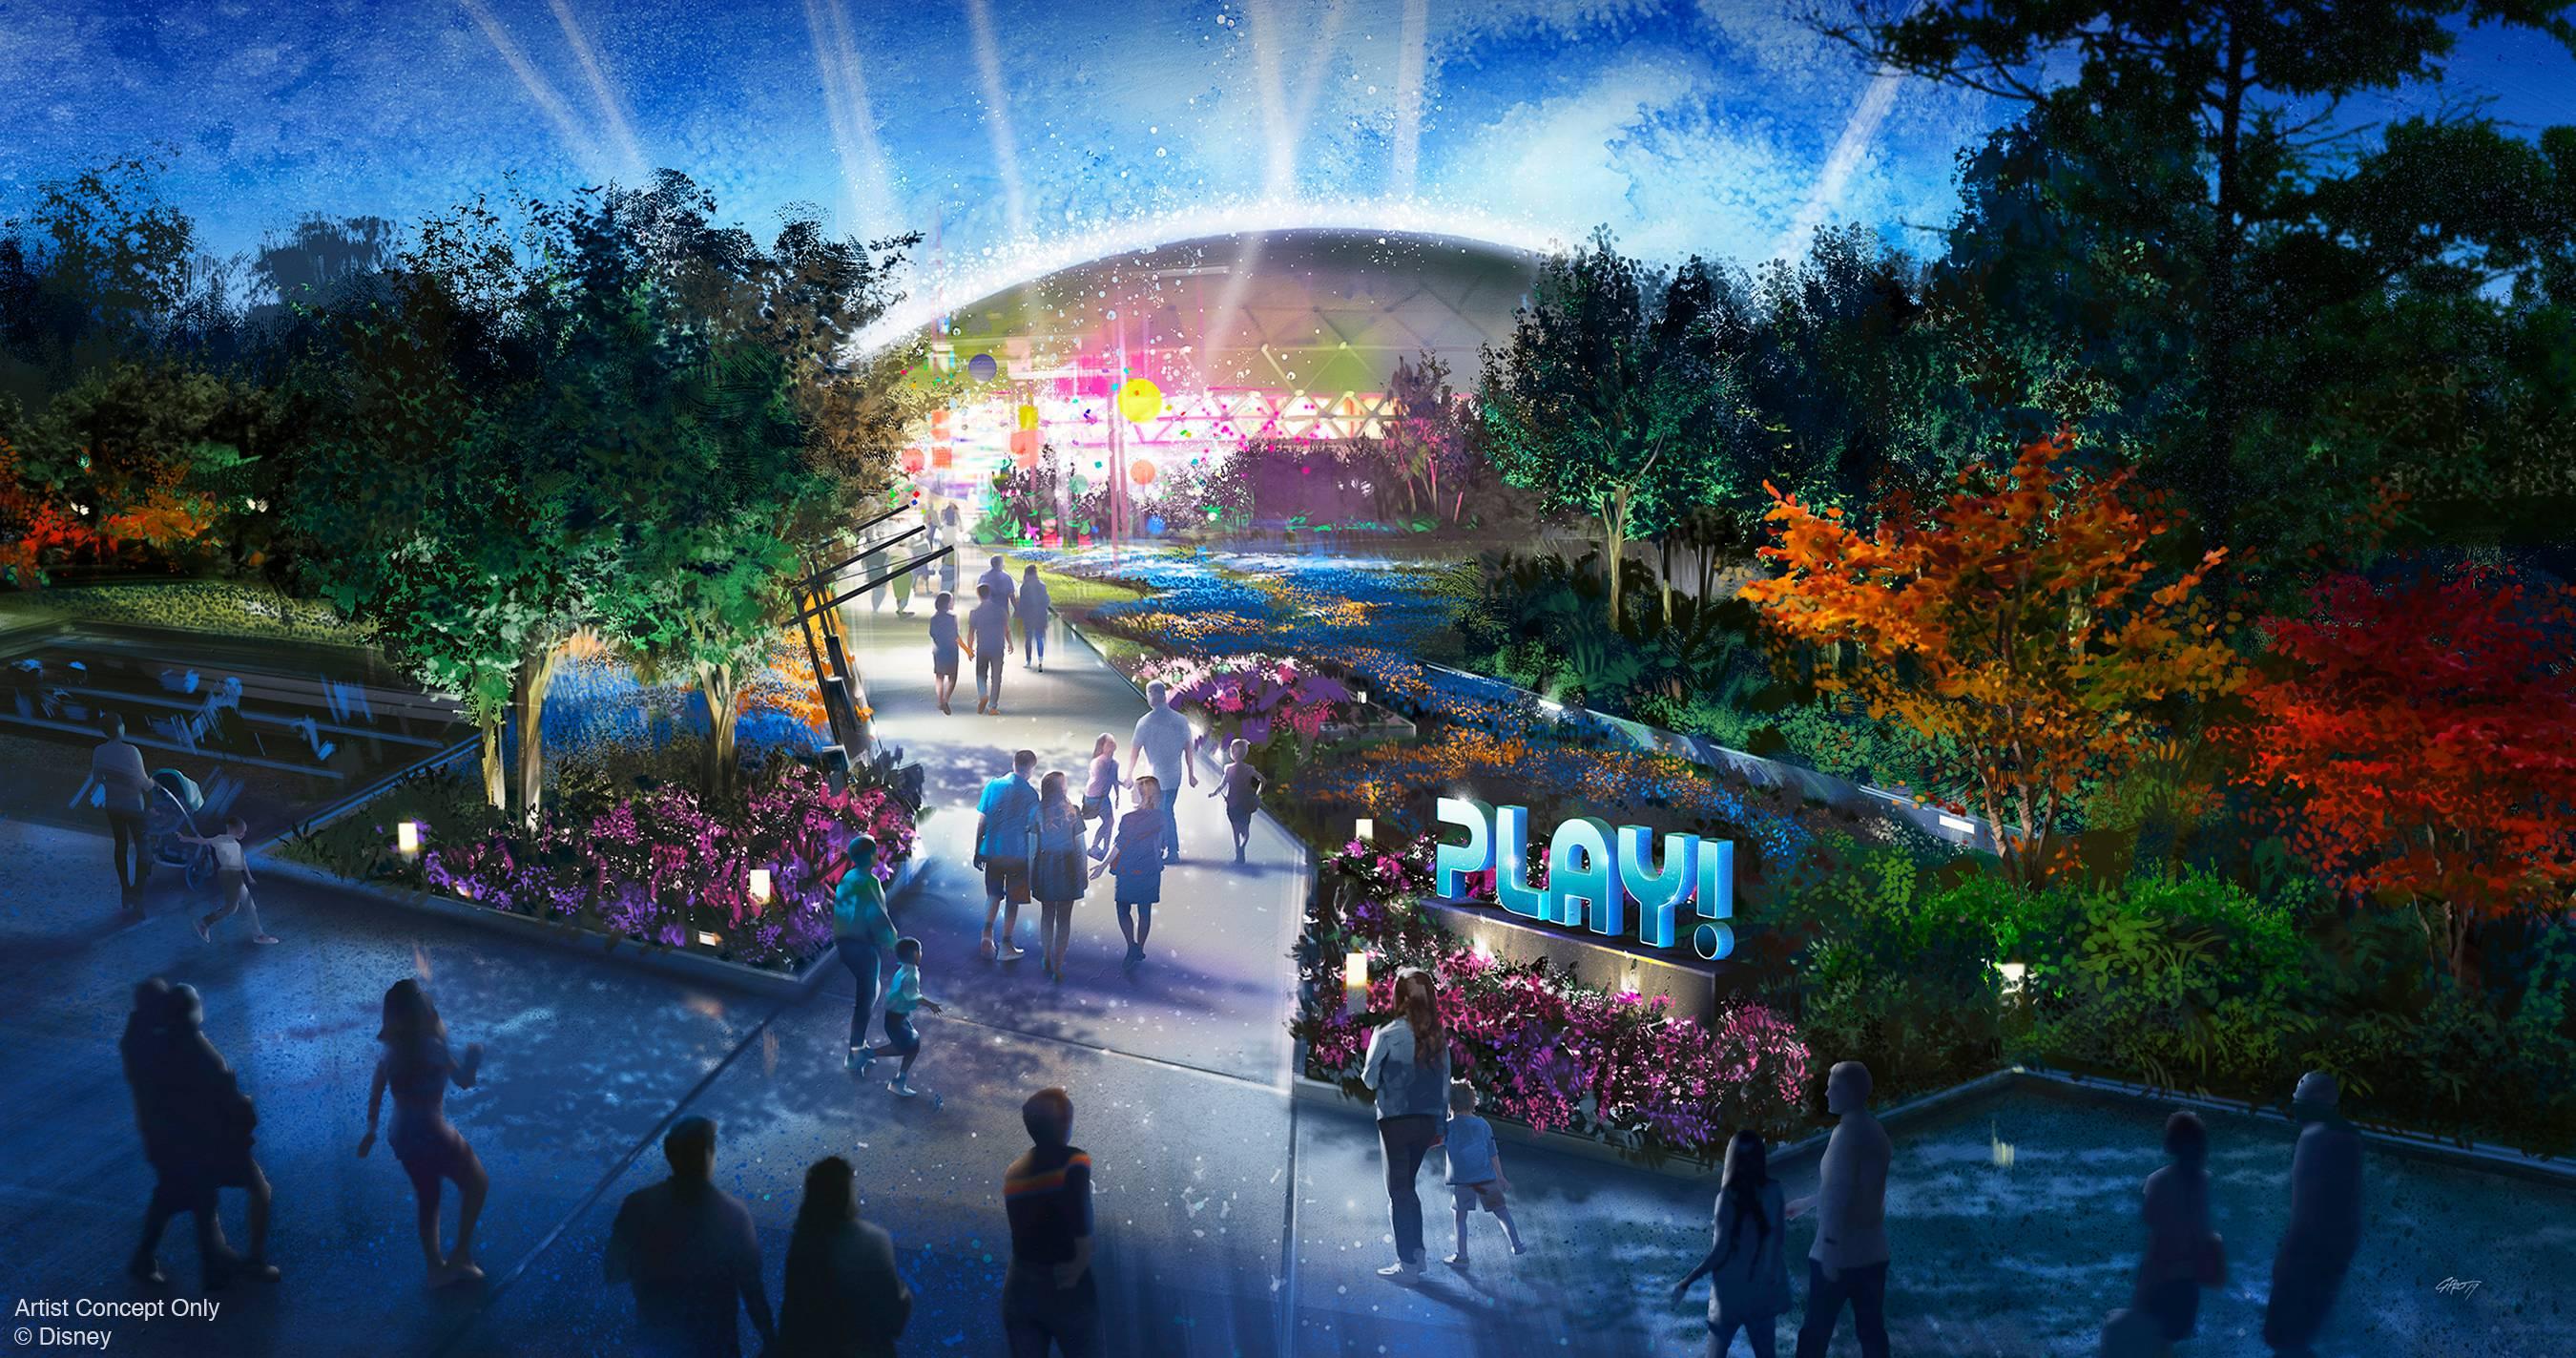 PLAY! pavilion concept art